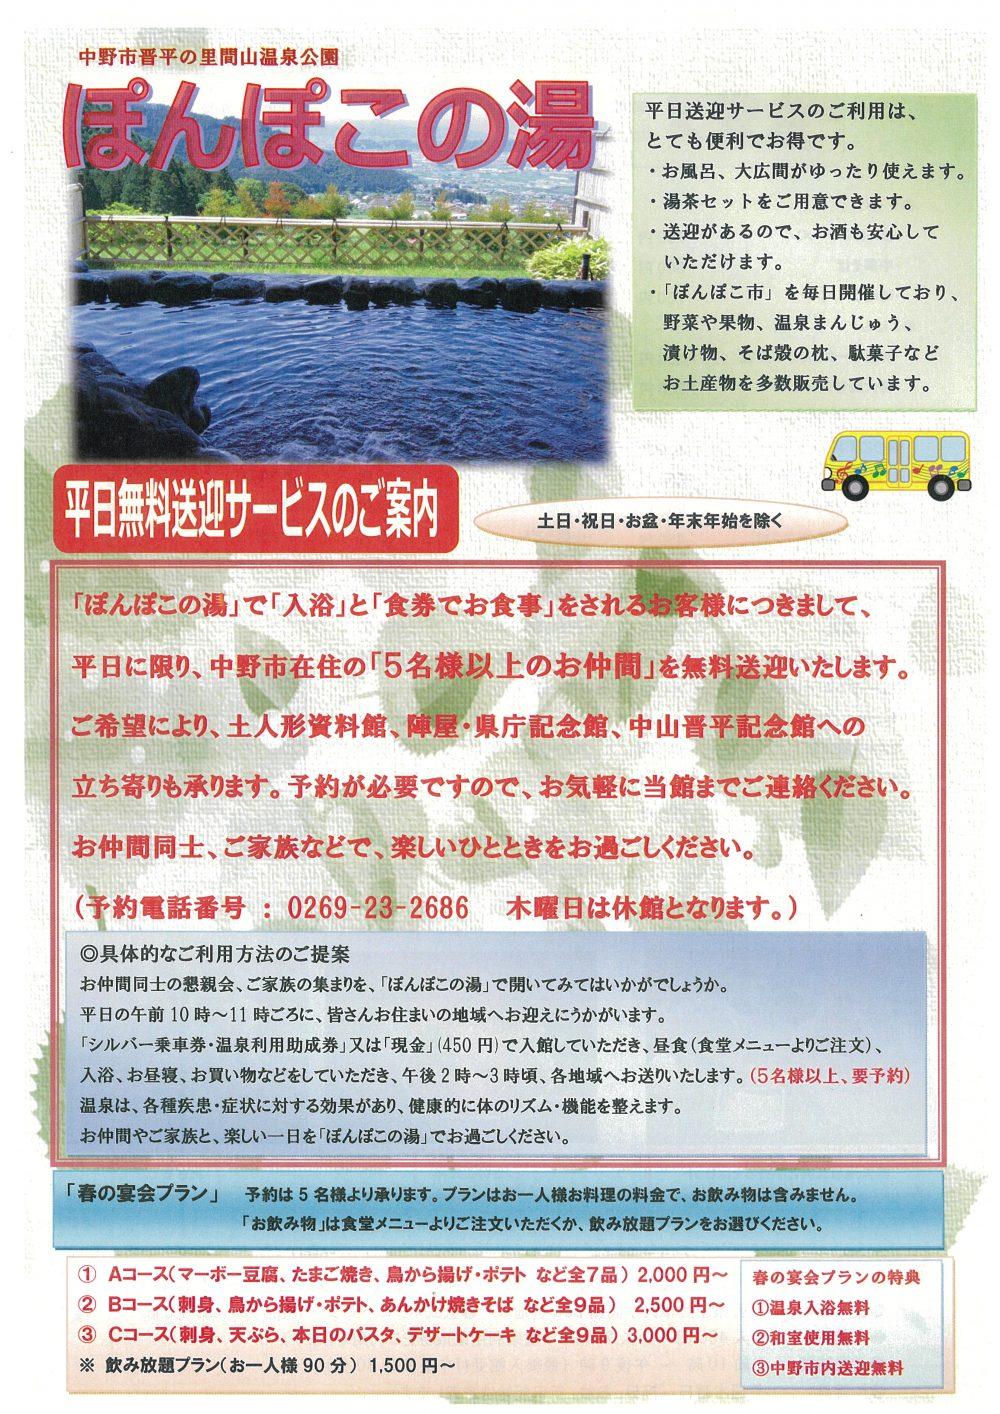 ぽんぽこの湯(H29.4.28)表